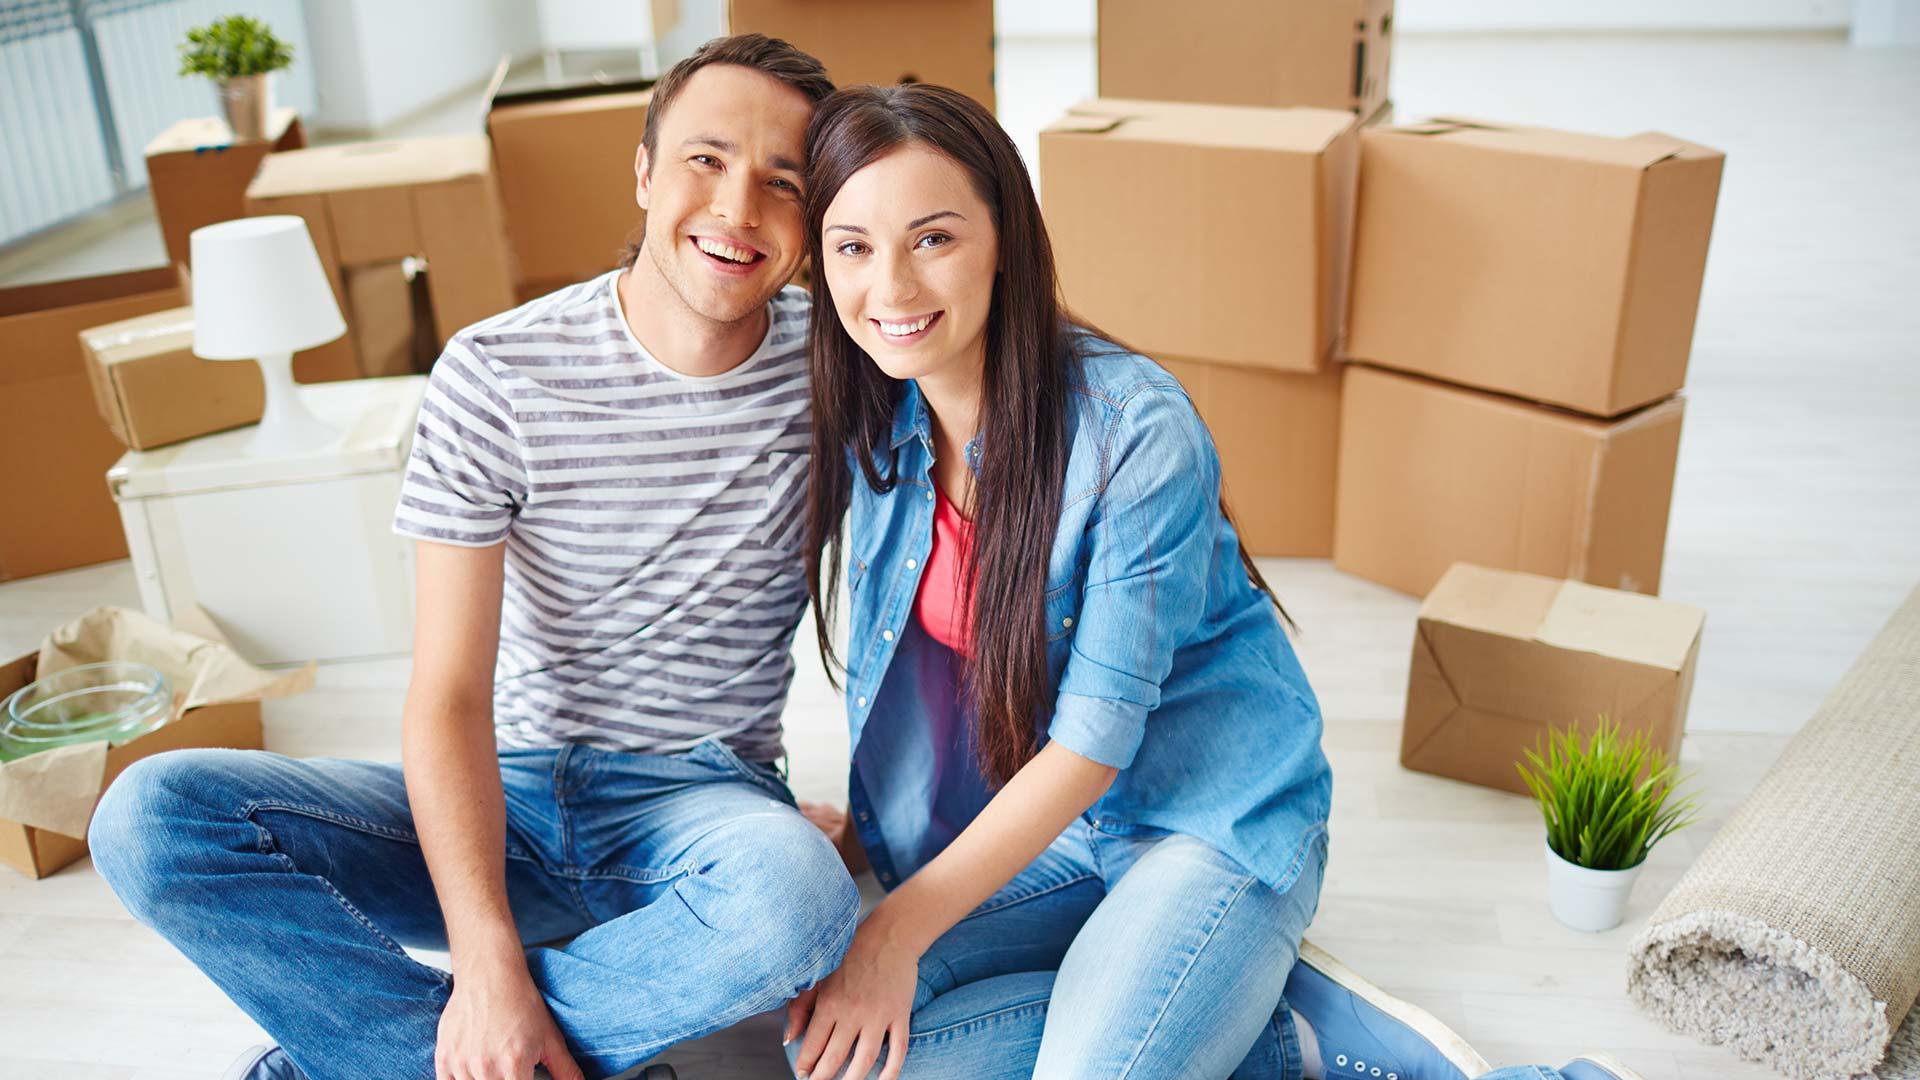 Páginas Web para inmobiliarias: Mi viaje para encontrar un departamento en alquiler